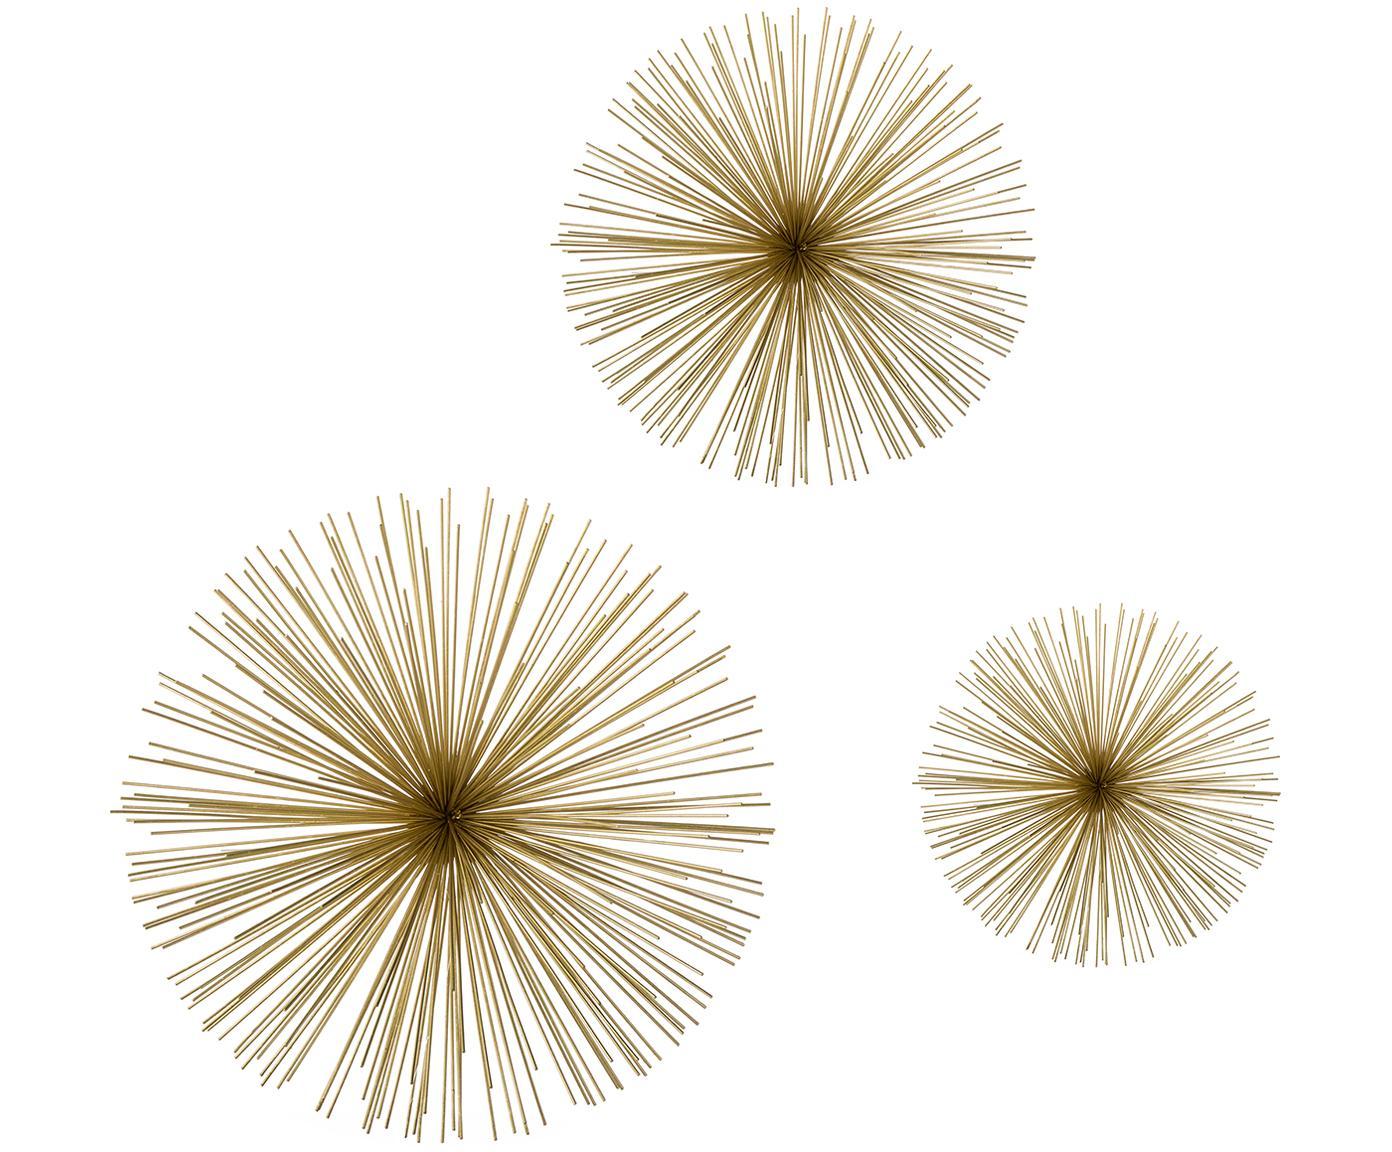 Wandobjectenset Spike, 3-delig, Metaal, Goudkleurig, Verschillende formaten